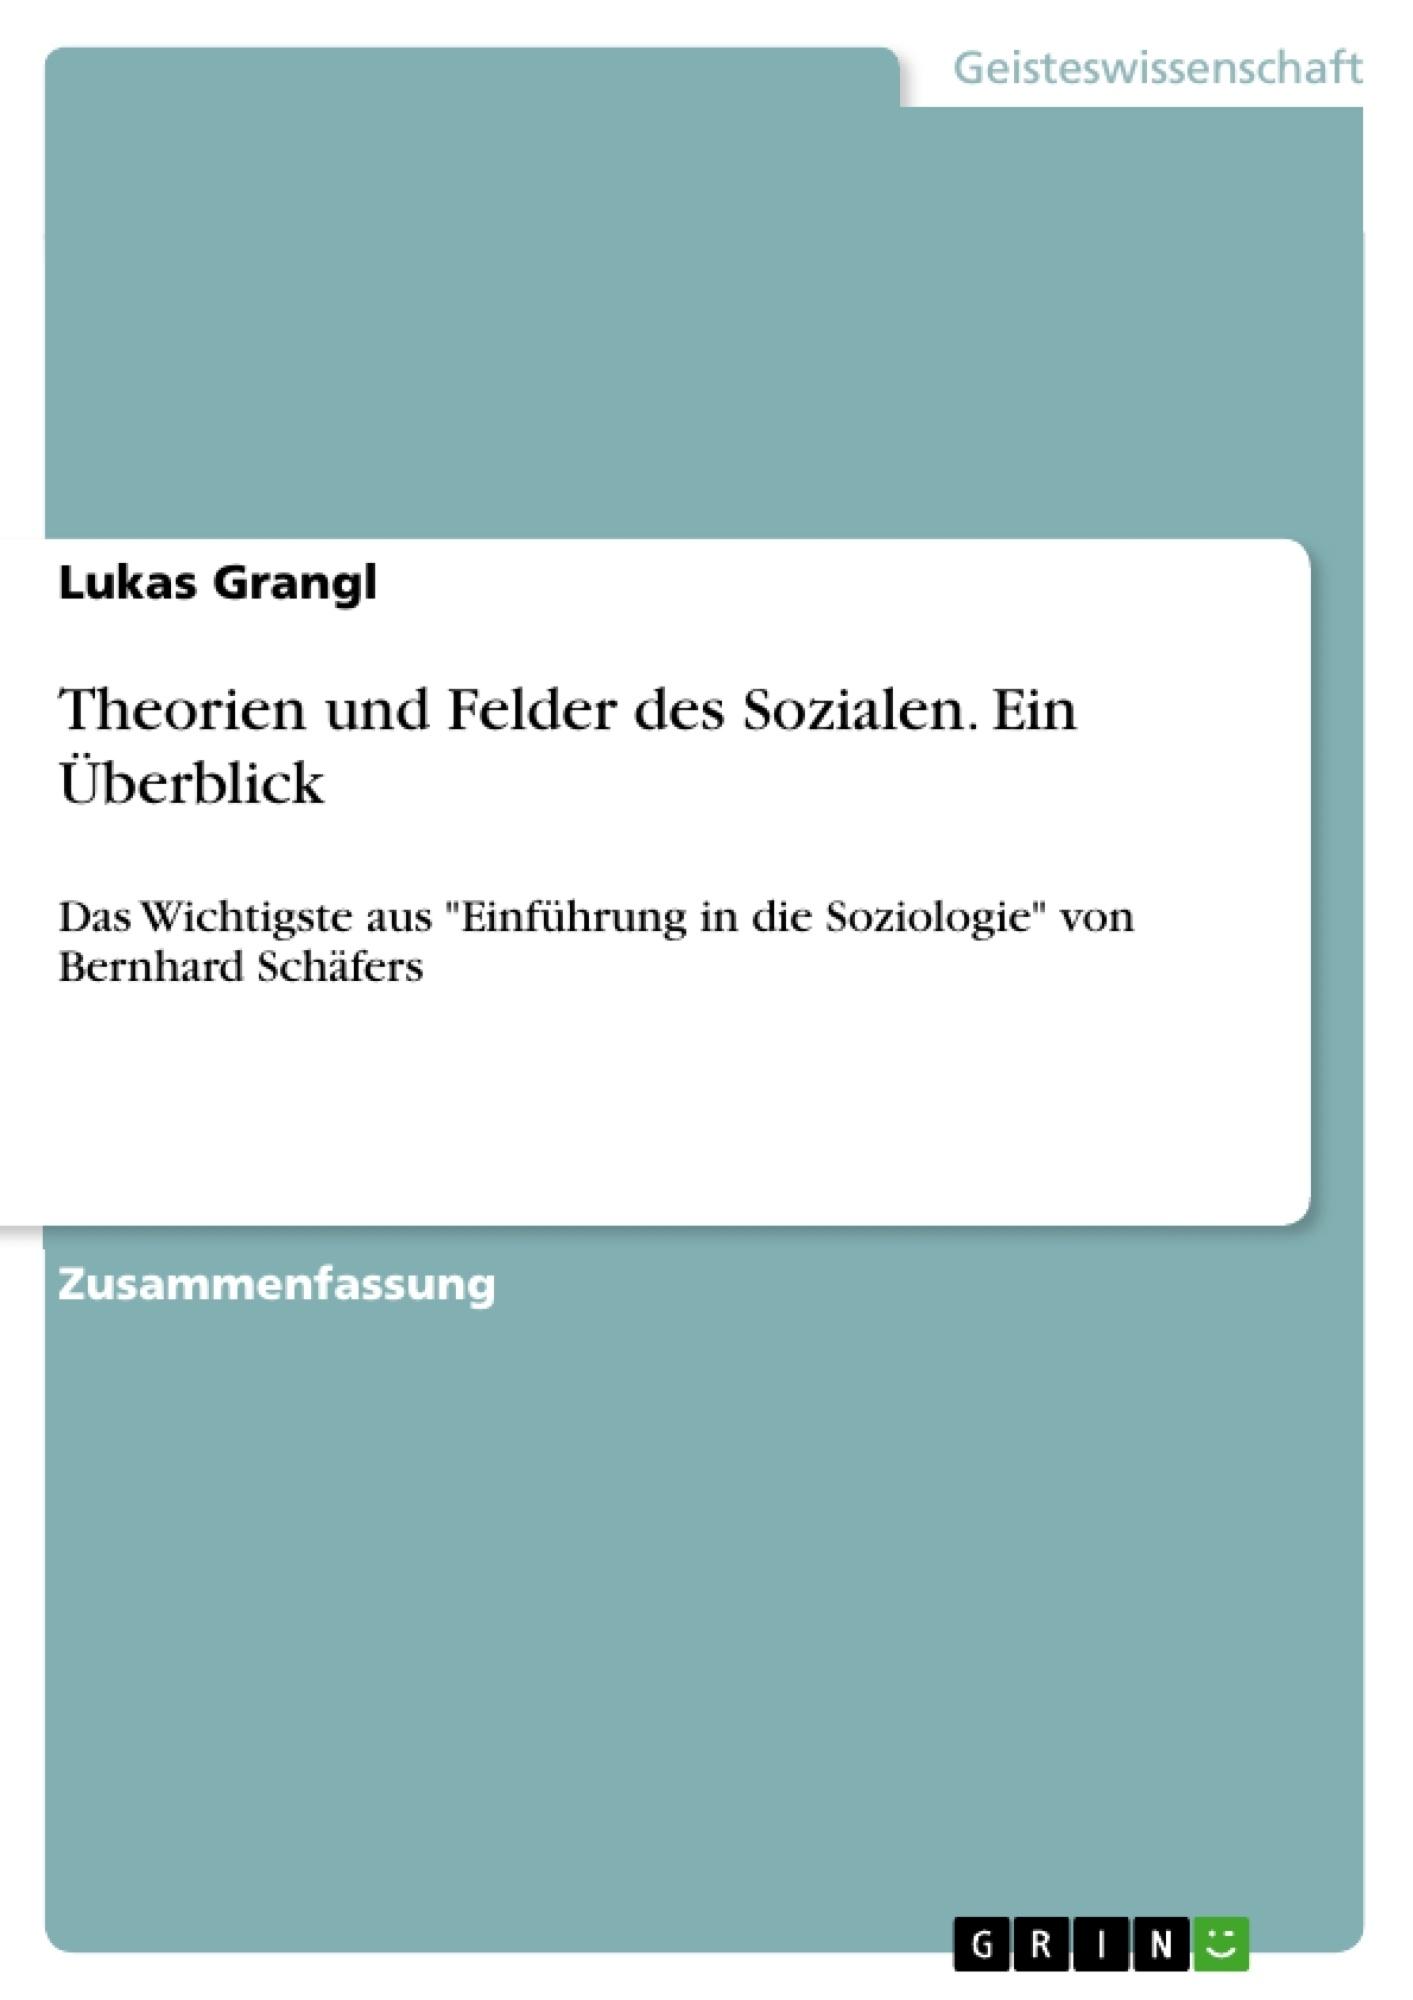 Titel: Theorien und Felder des Sozialen. Ein Überblick